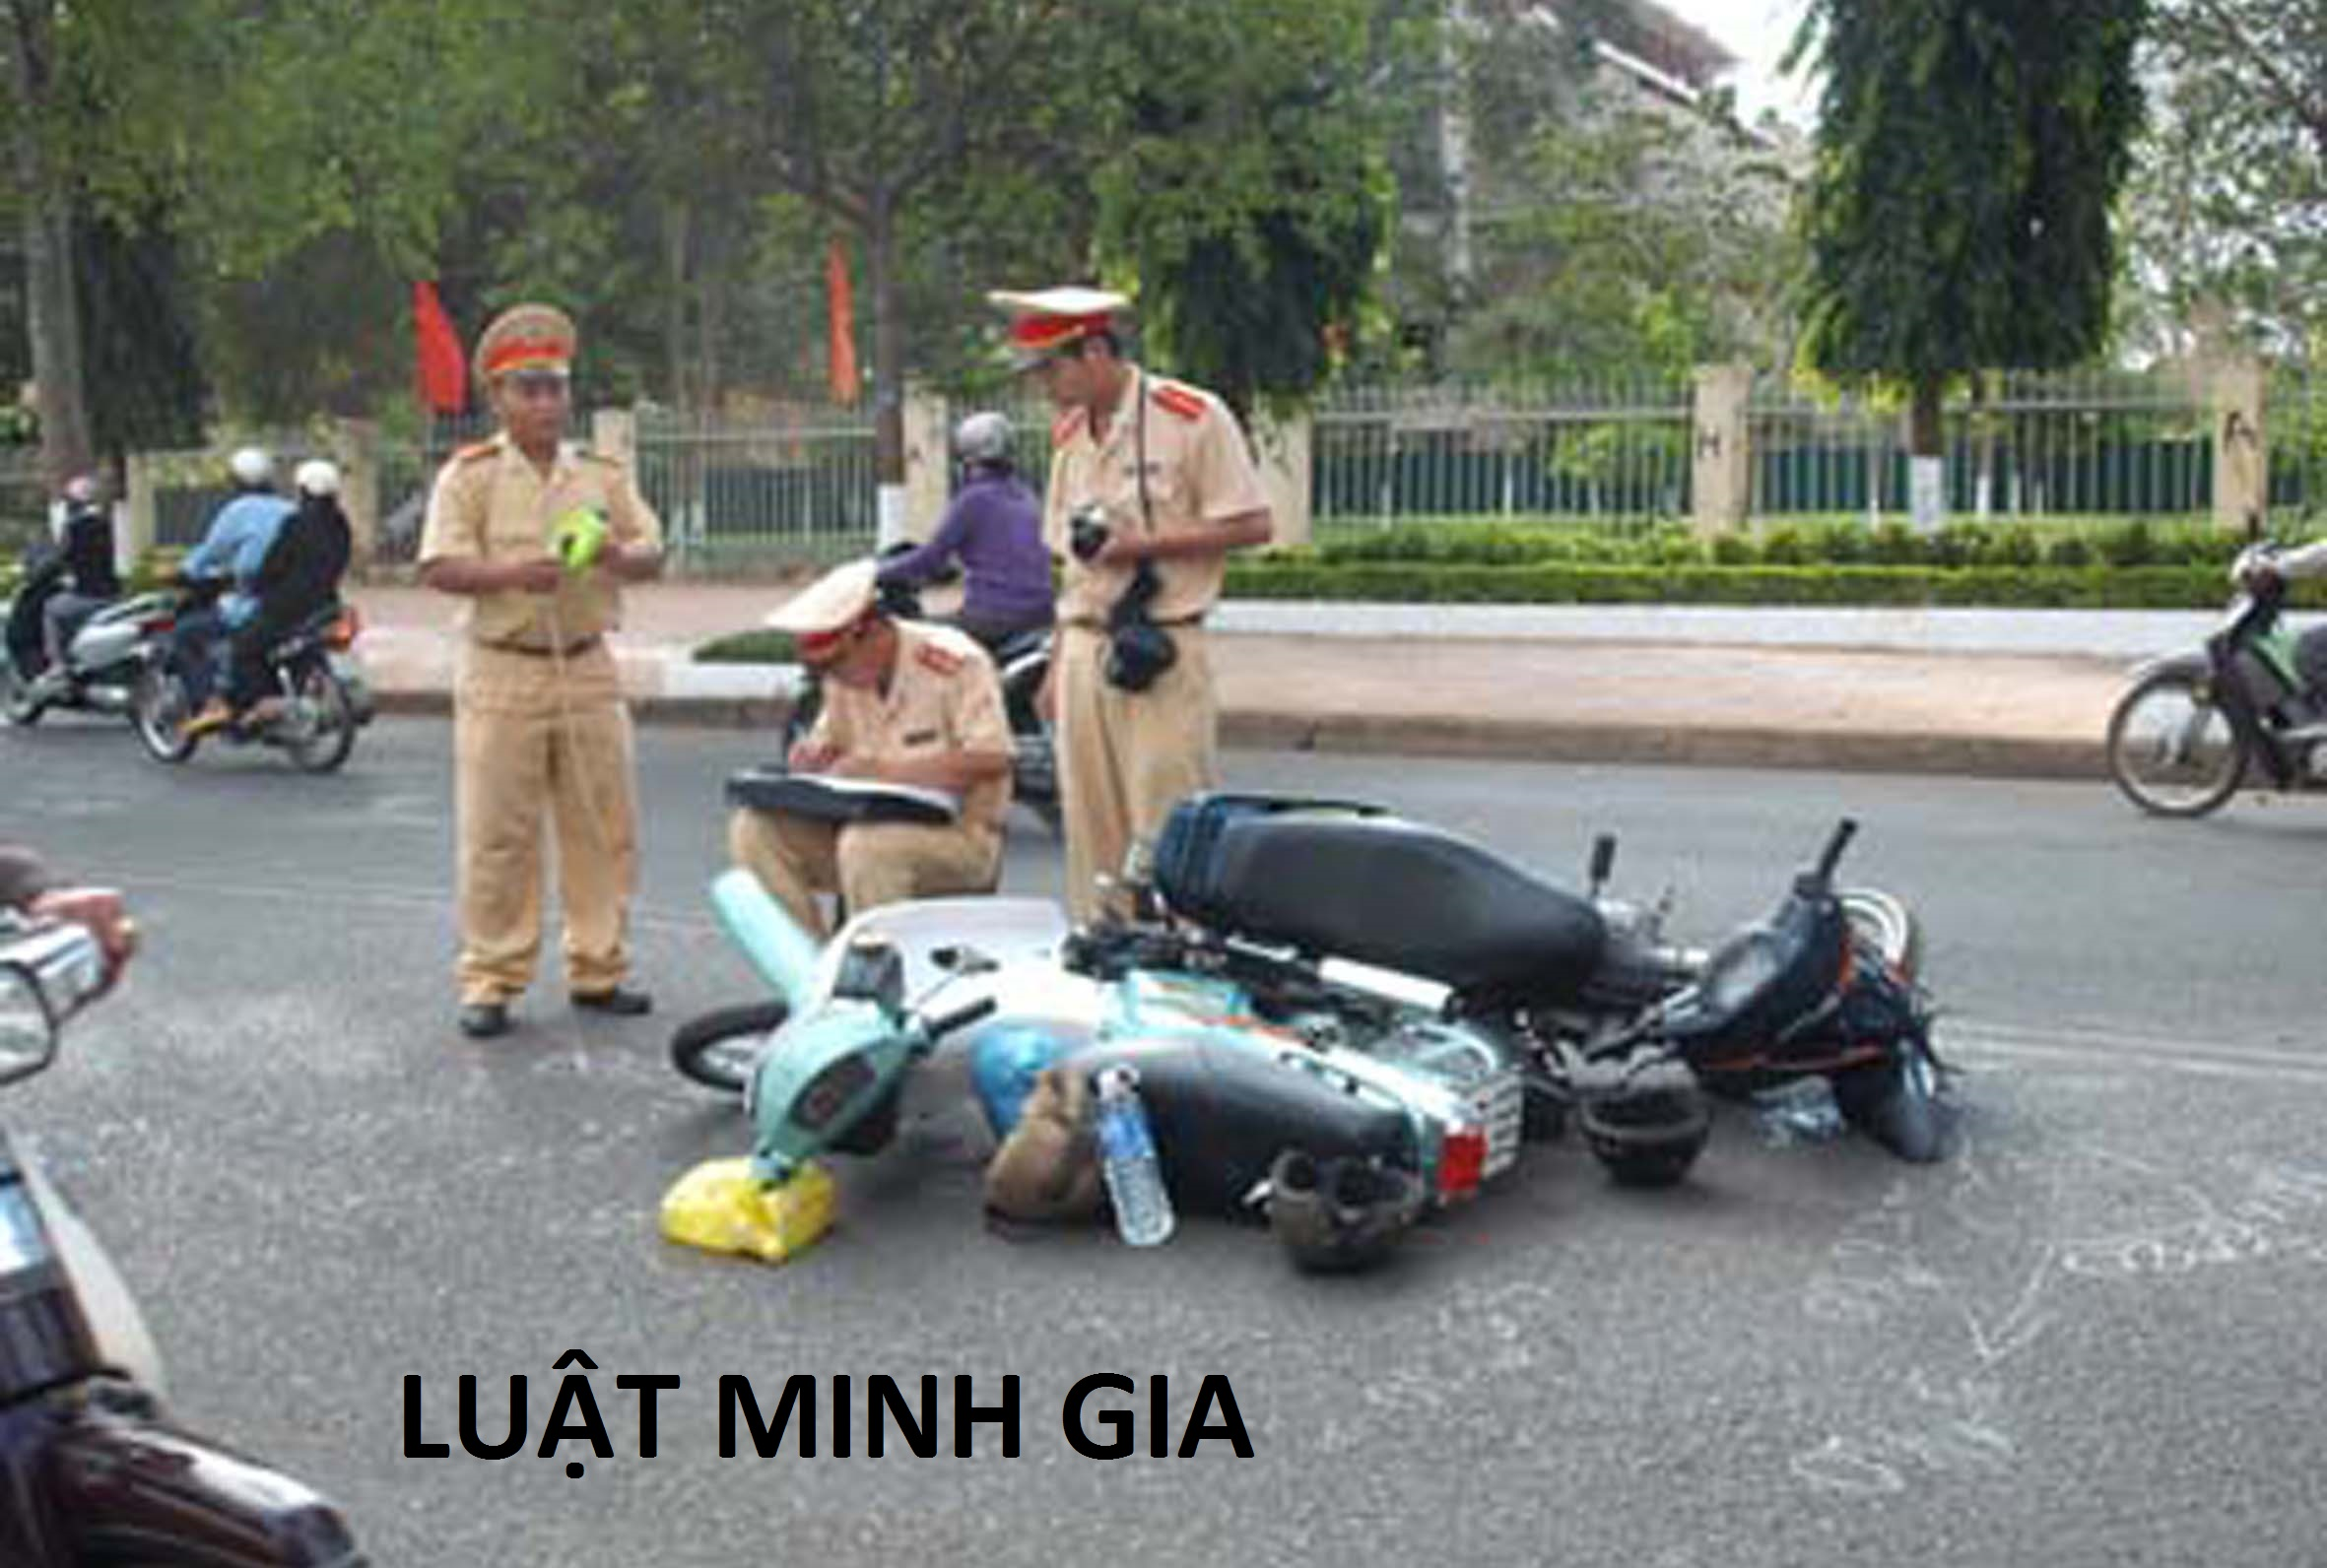 Tư vấn về trường hợp xảy ra tai nạn giao thông